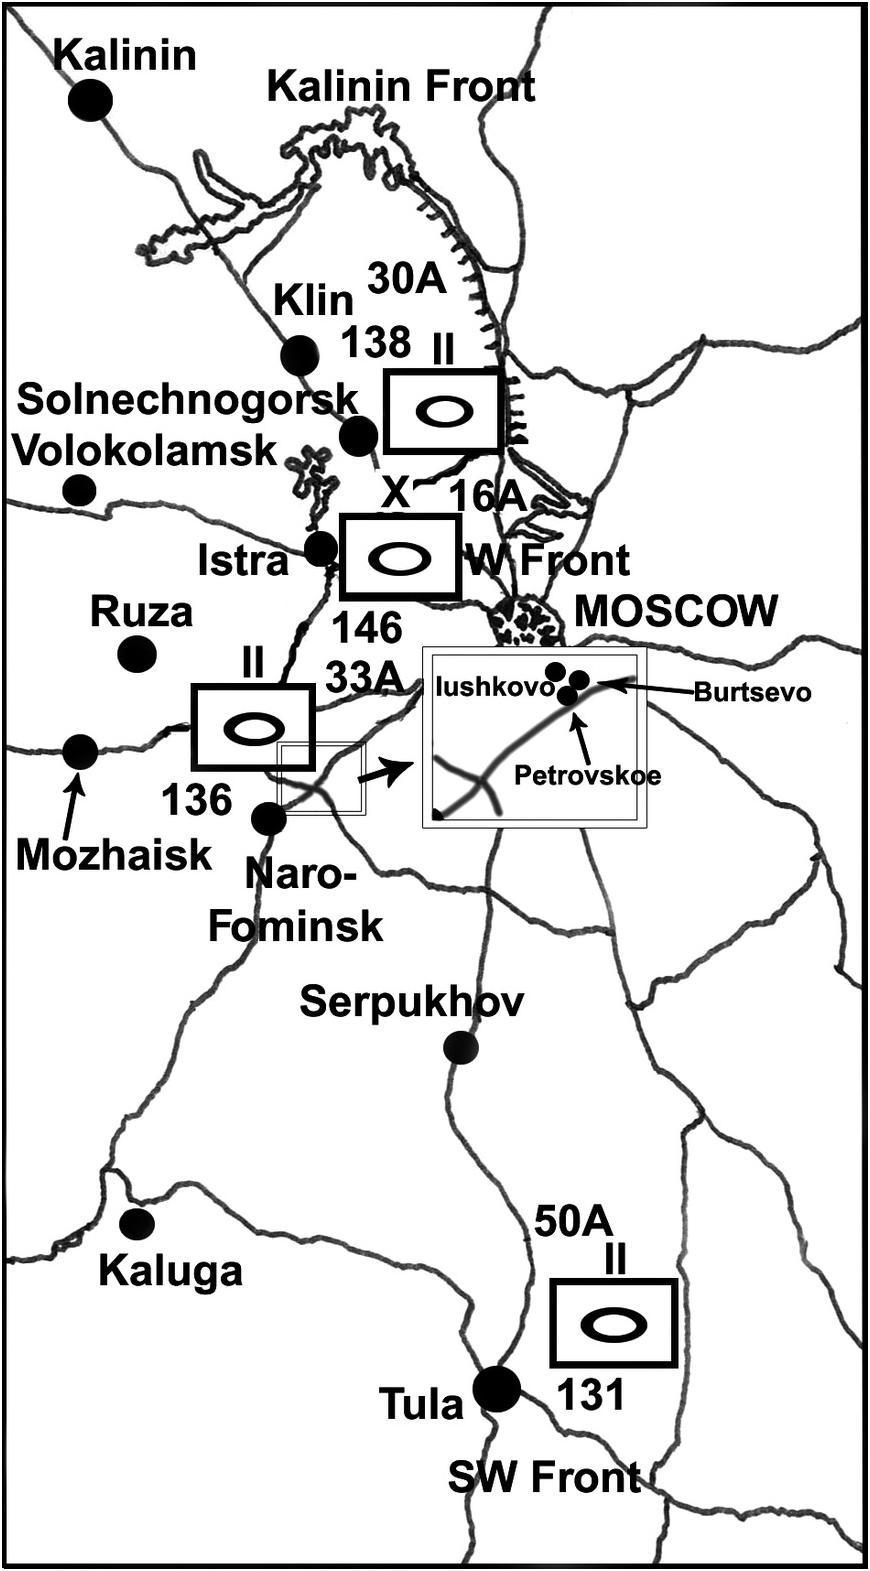 74 hoteluri, Peshkovo (Chekhovsky District, Moscow)